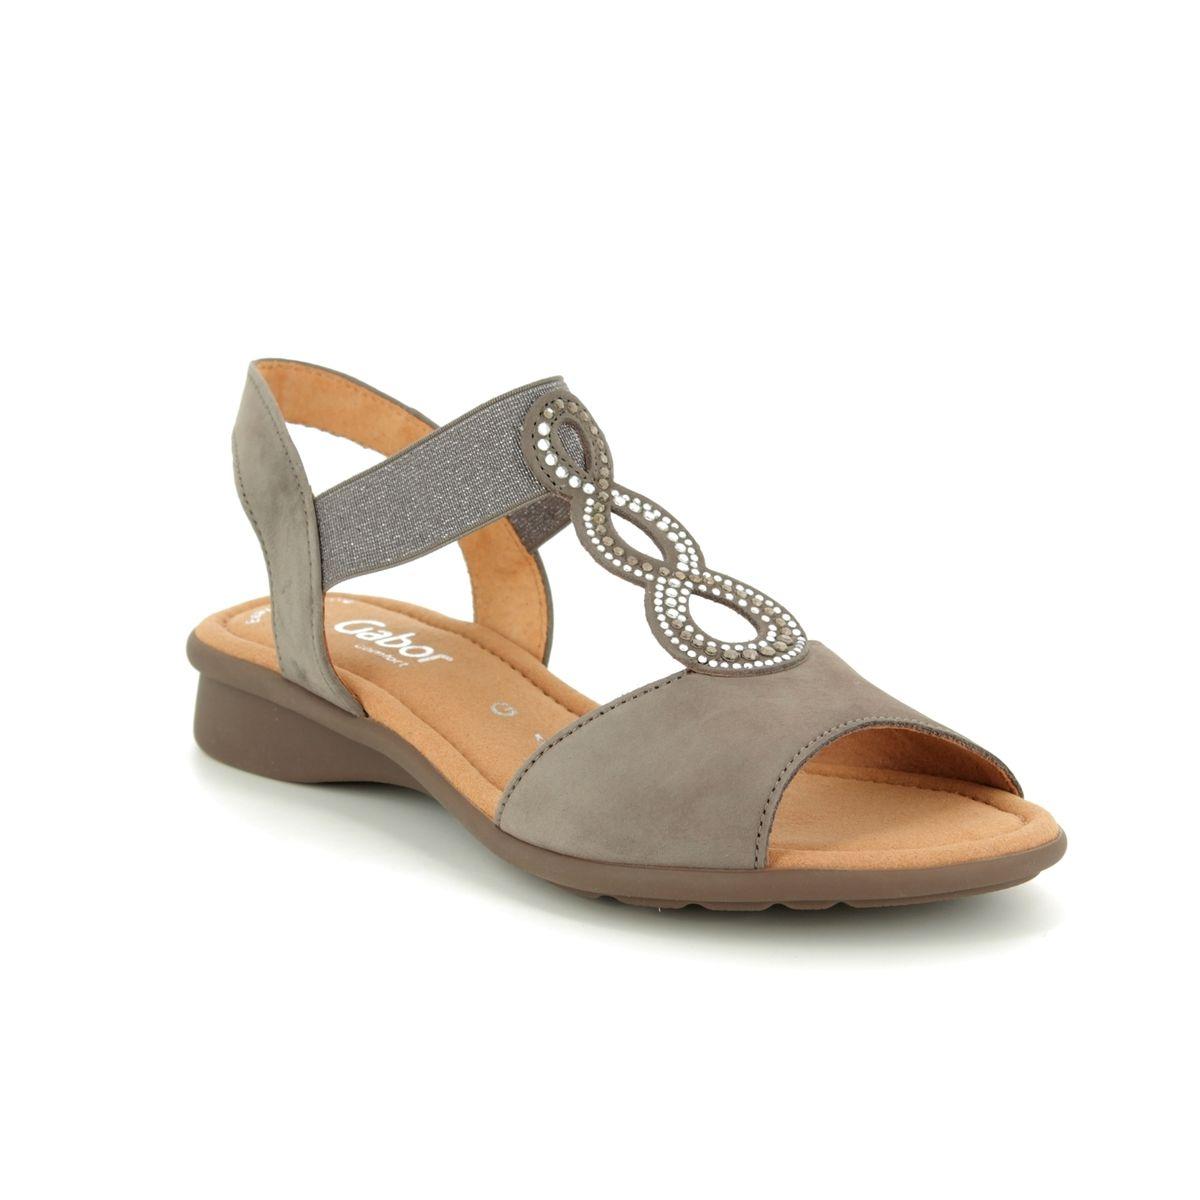 32acc6e3fbf63d Gabor Flat Sandals - Beige nubuck - 26.065.31 MERLIN